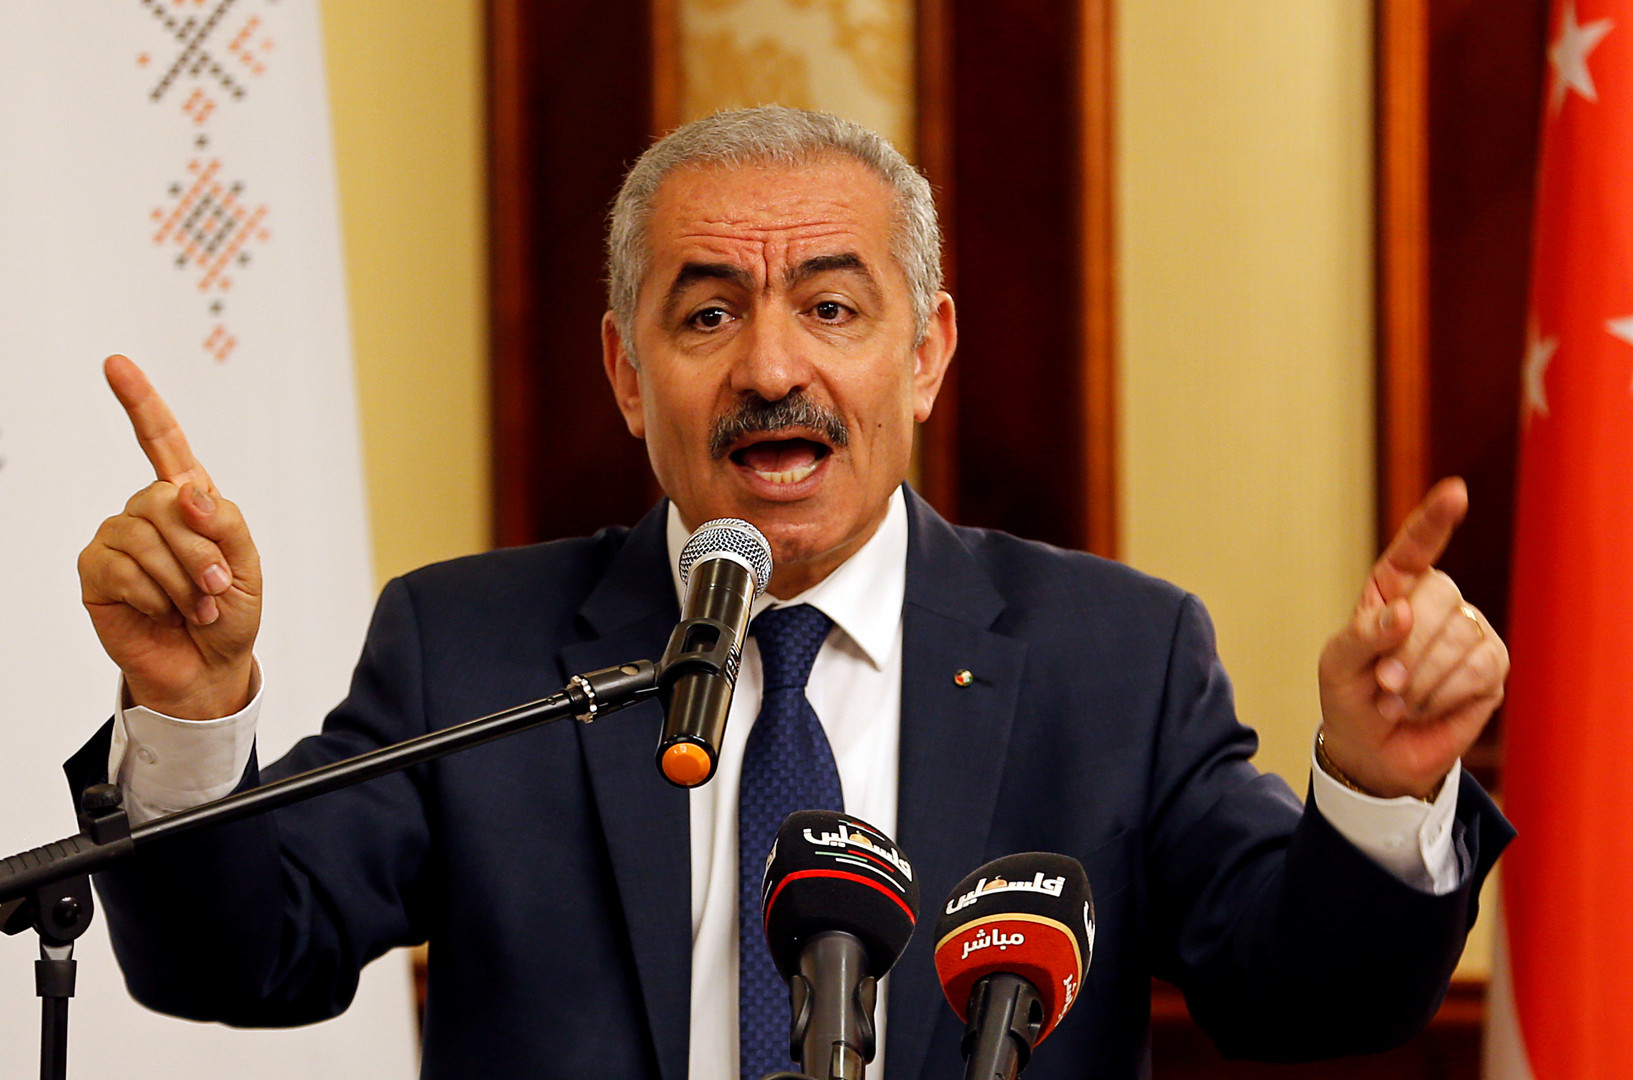 اشتيه يعلن تشكيل لجنة لتنفيذ قرار تعليق الاتفاقيات مع إسرائيل